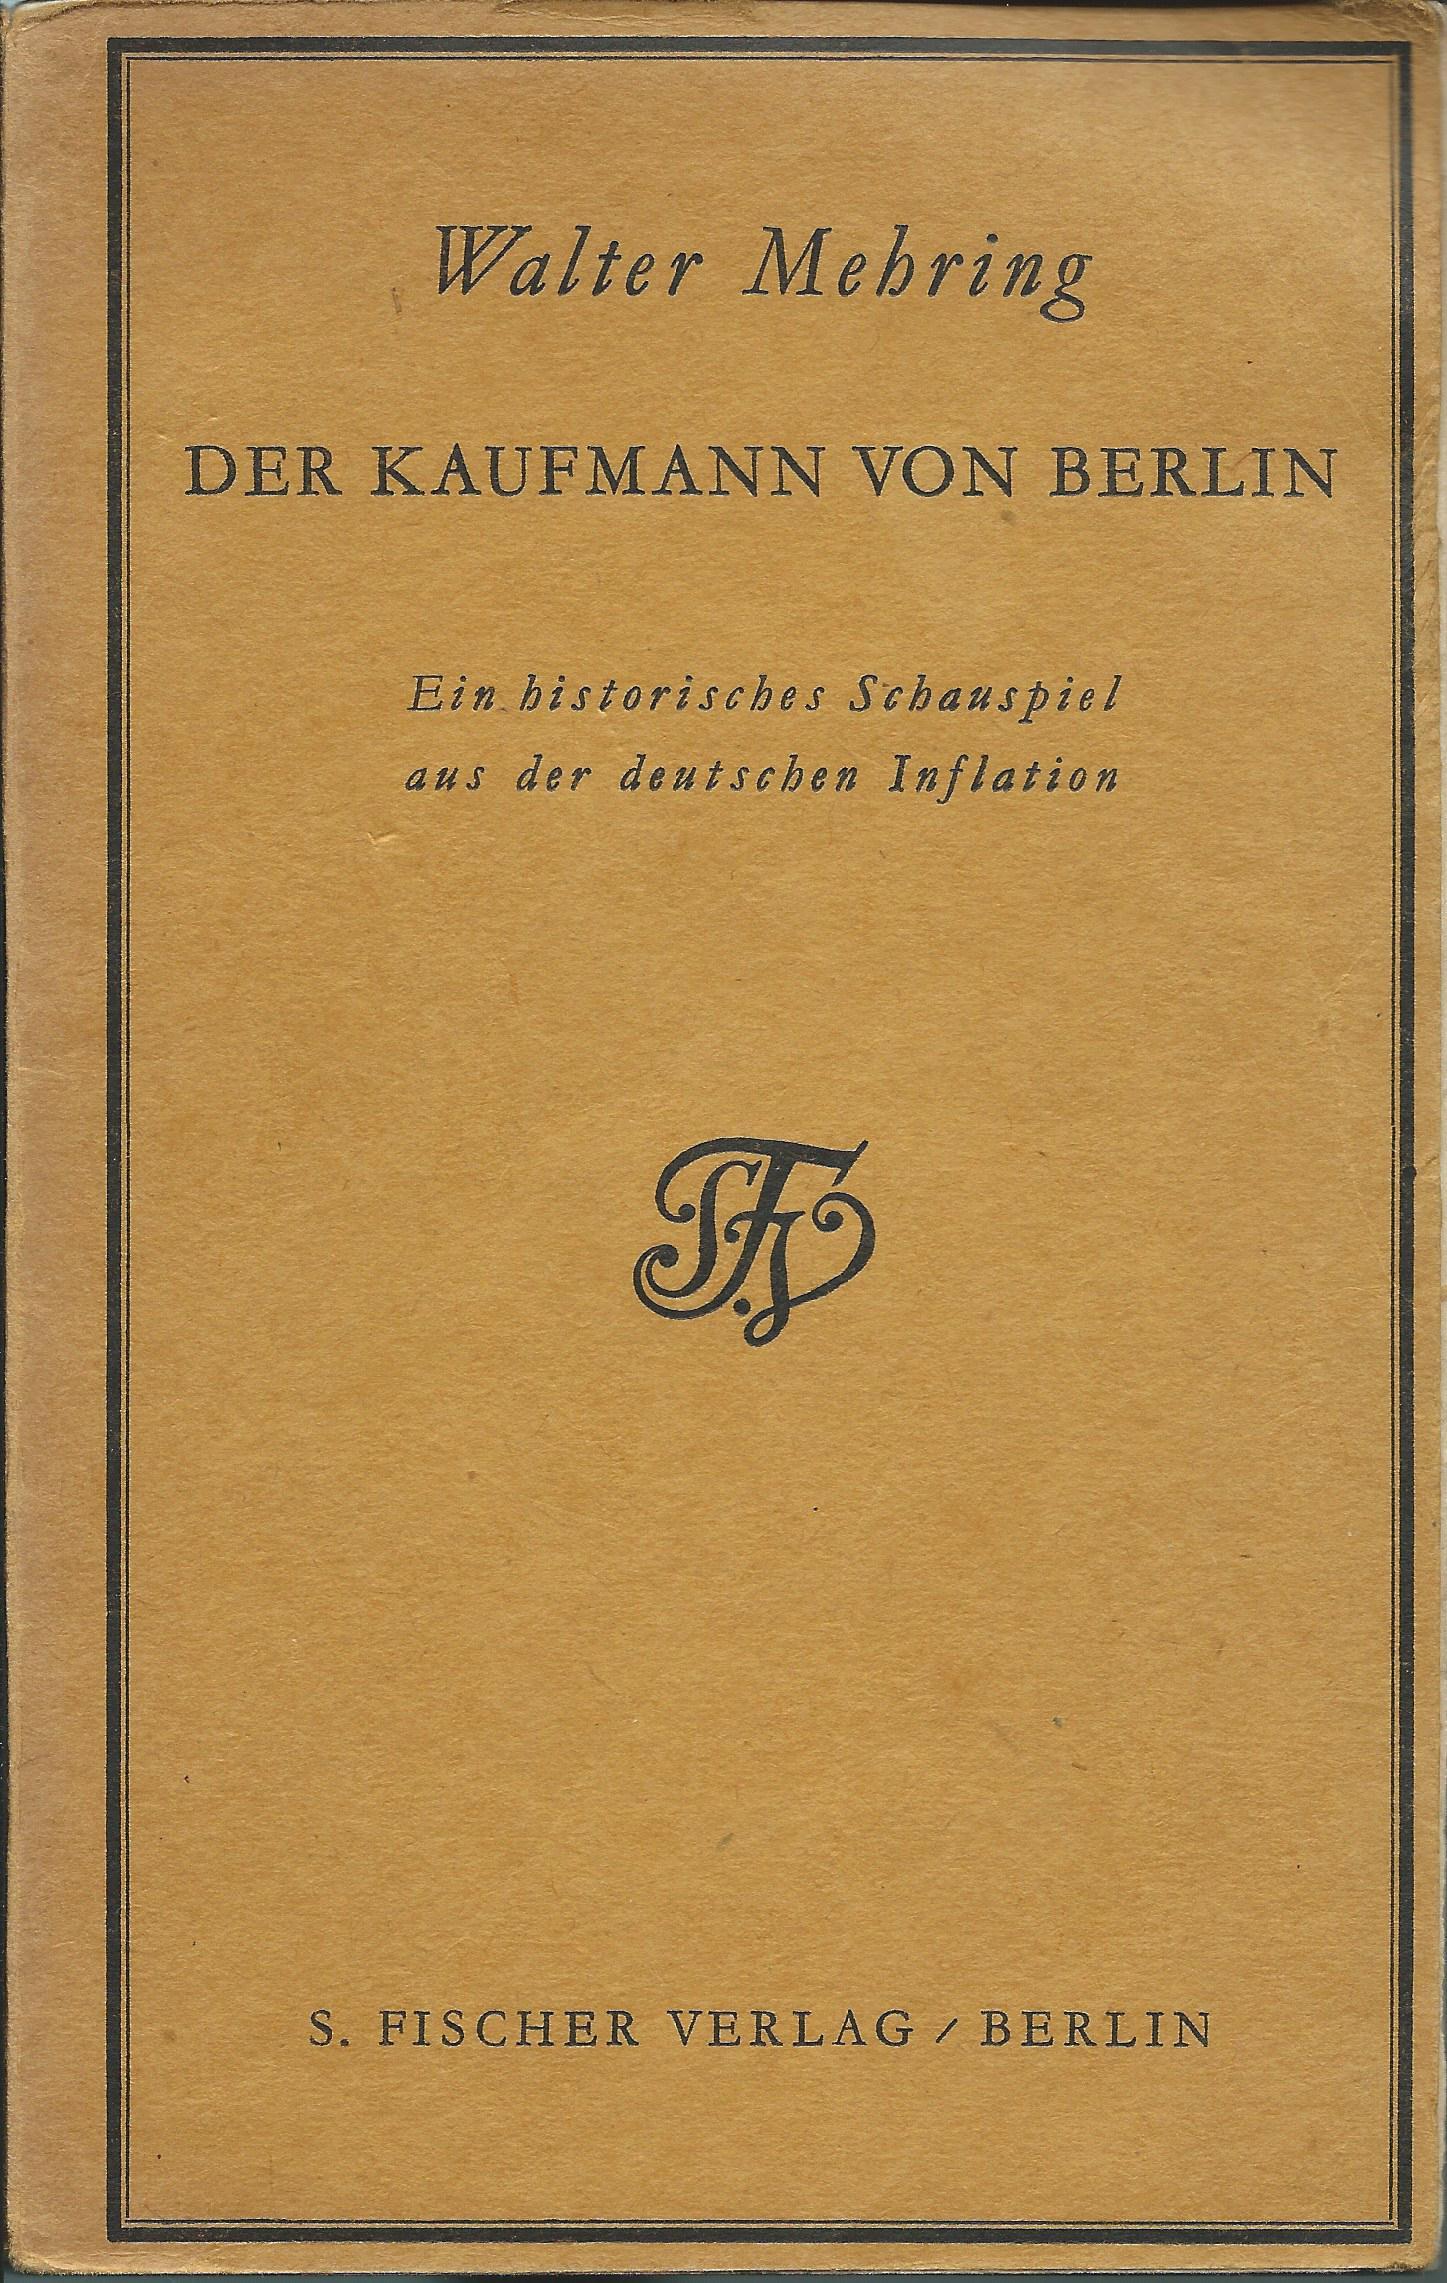 Der Kaufmann von Berlin (1929)